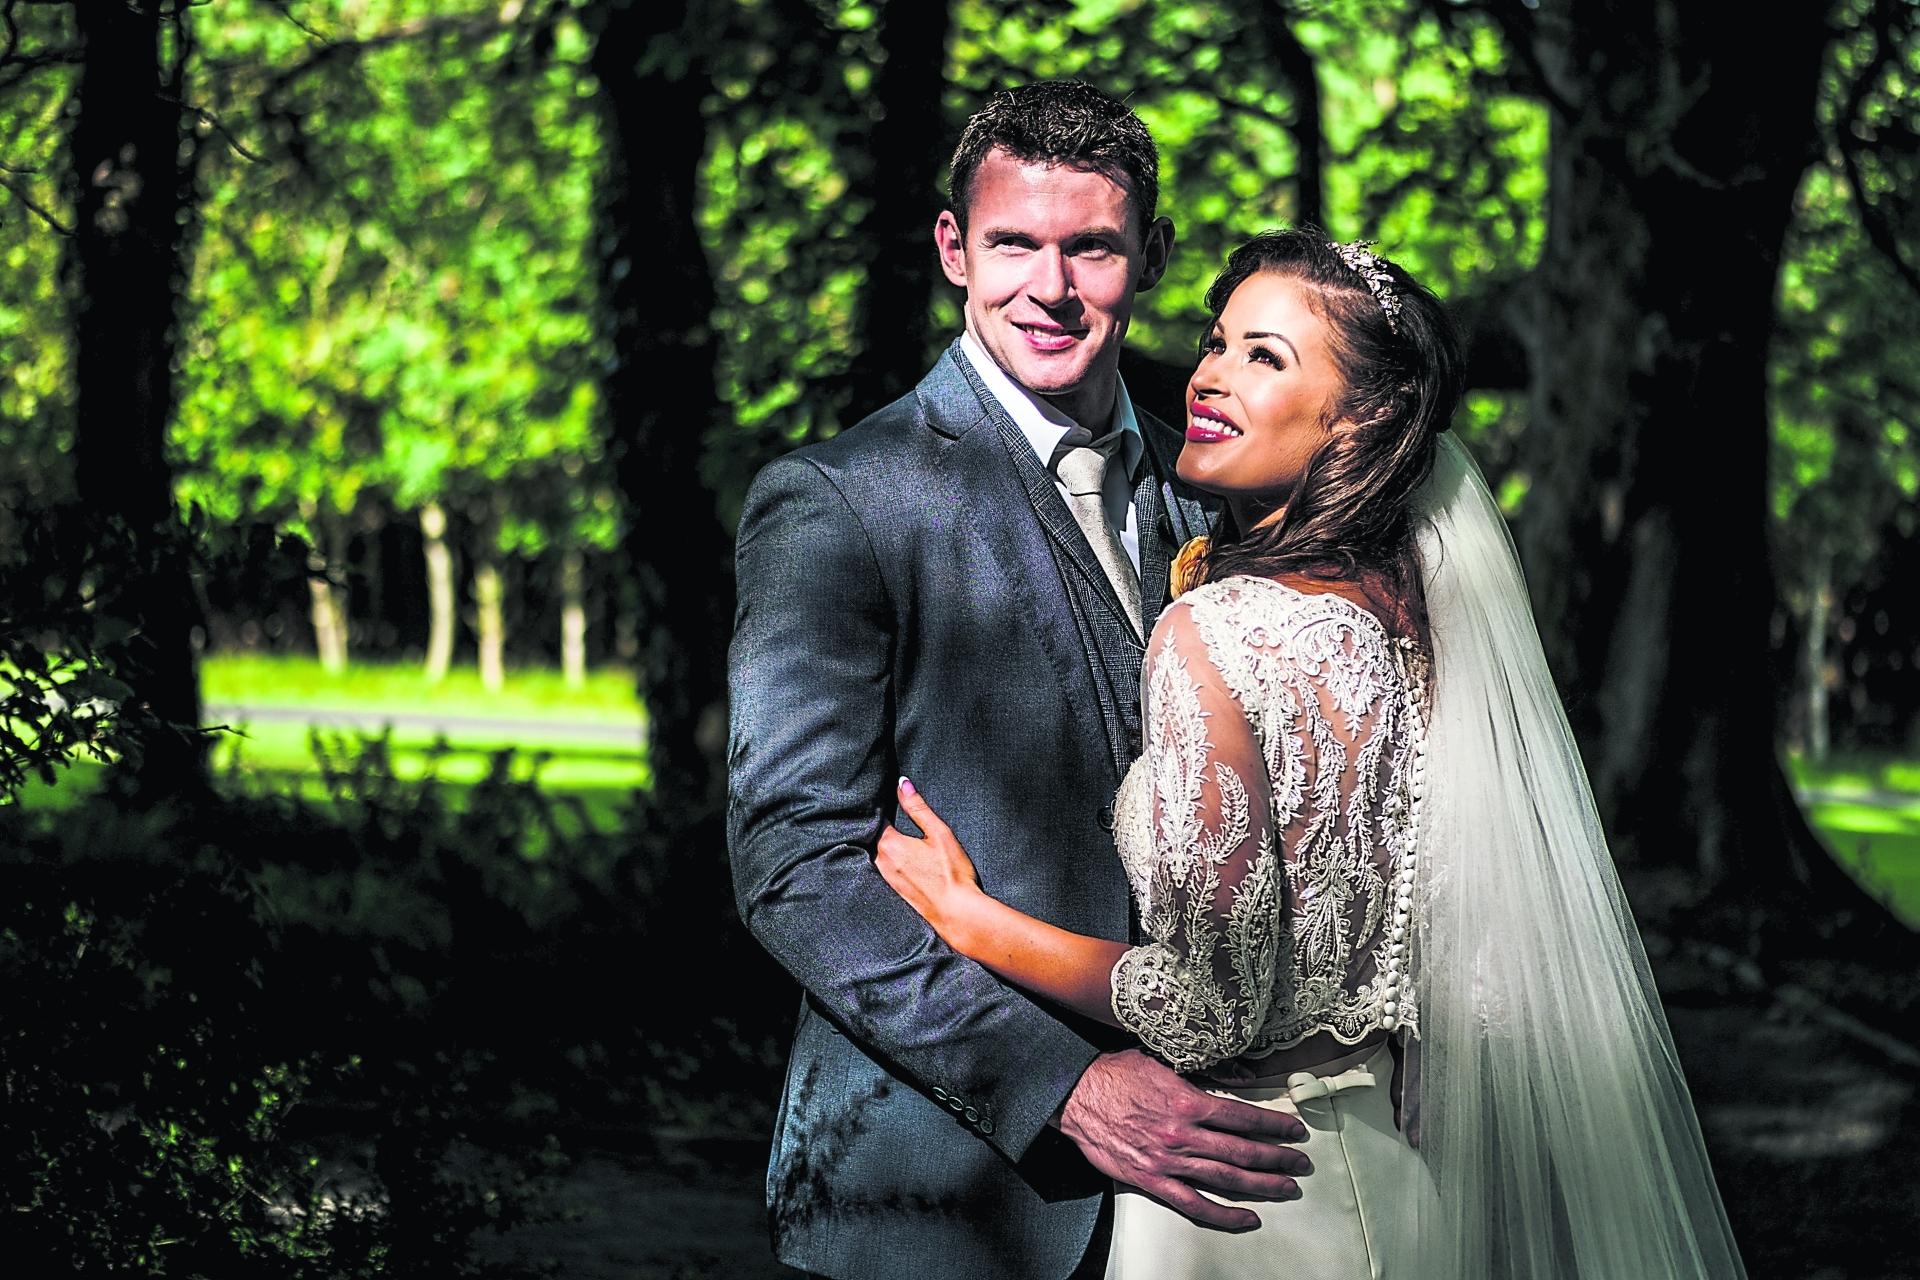 Limerick 'Merkel flag' man marries German girl and